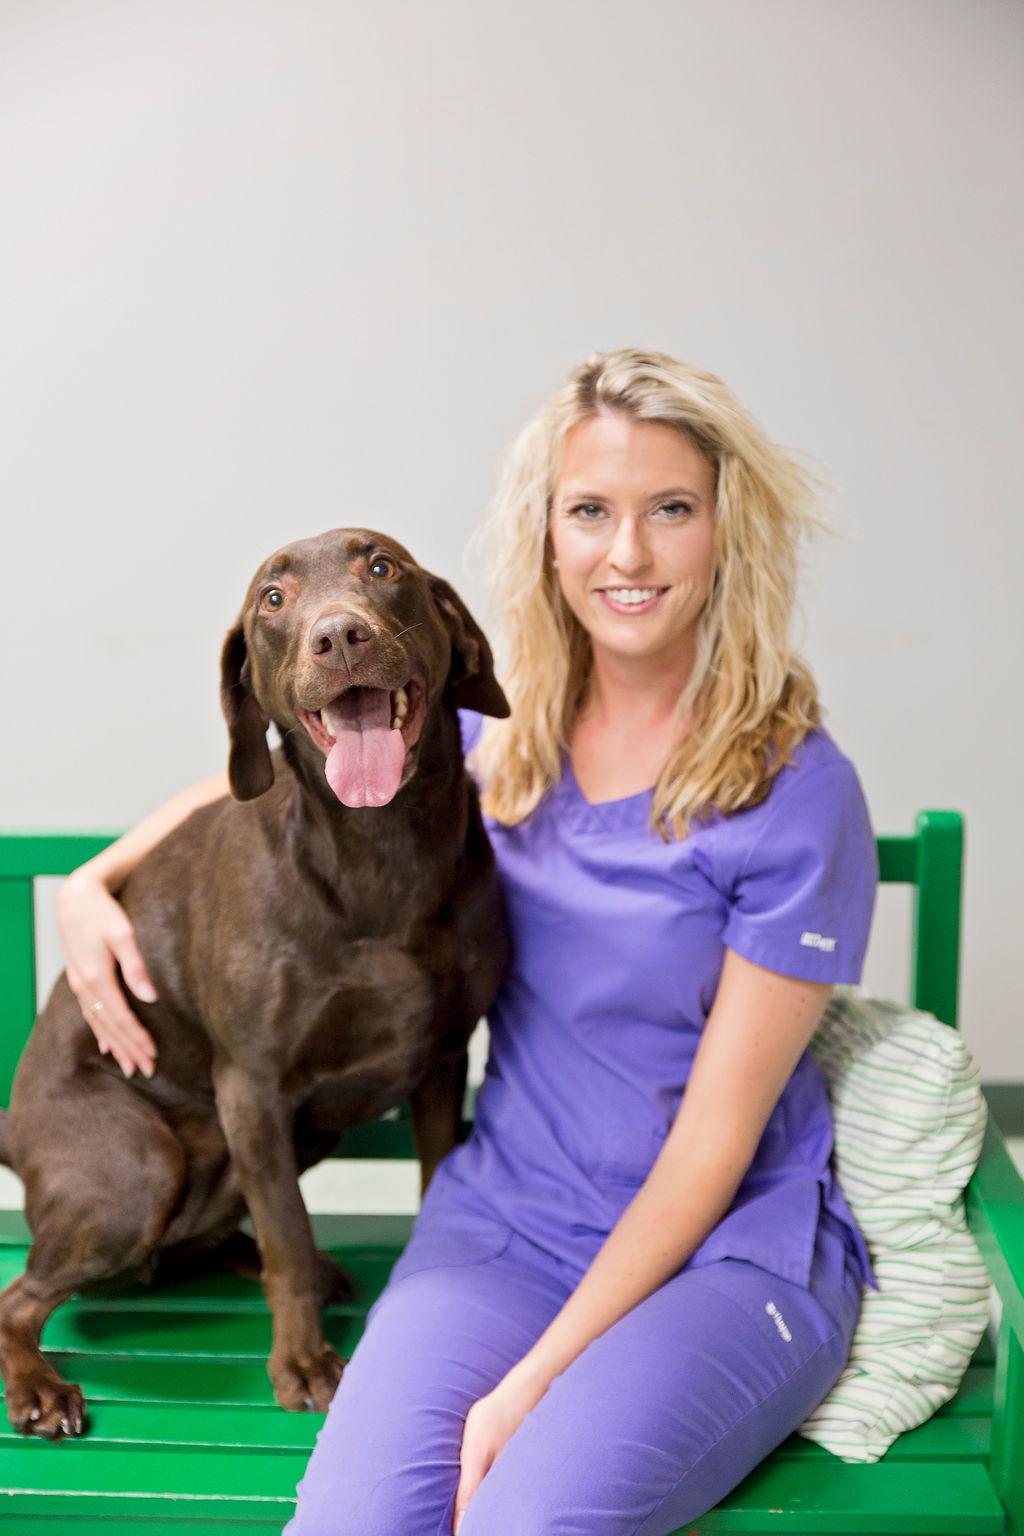 Ali Whetzel, R.V.T. - Registered Veterinary Technician